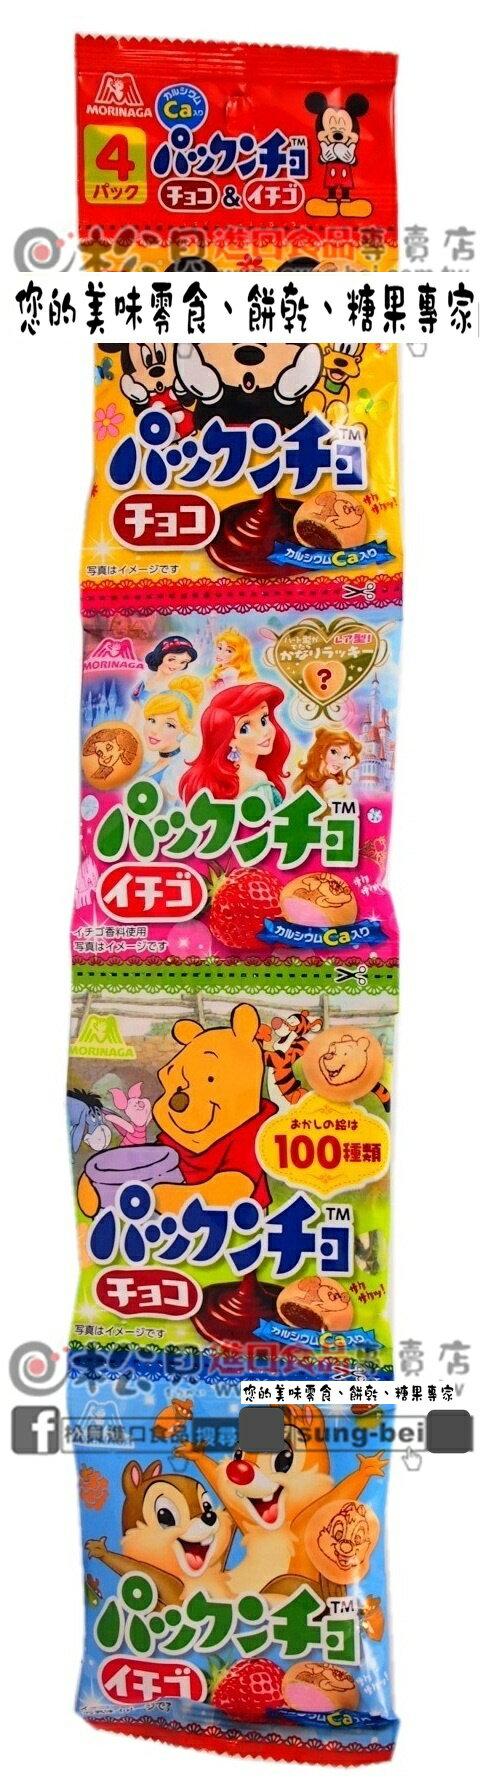 森永迪士尼巧克力餅4連62g【4902888179181】